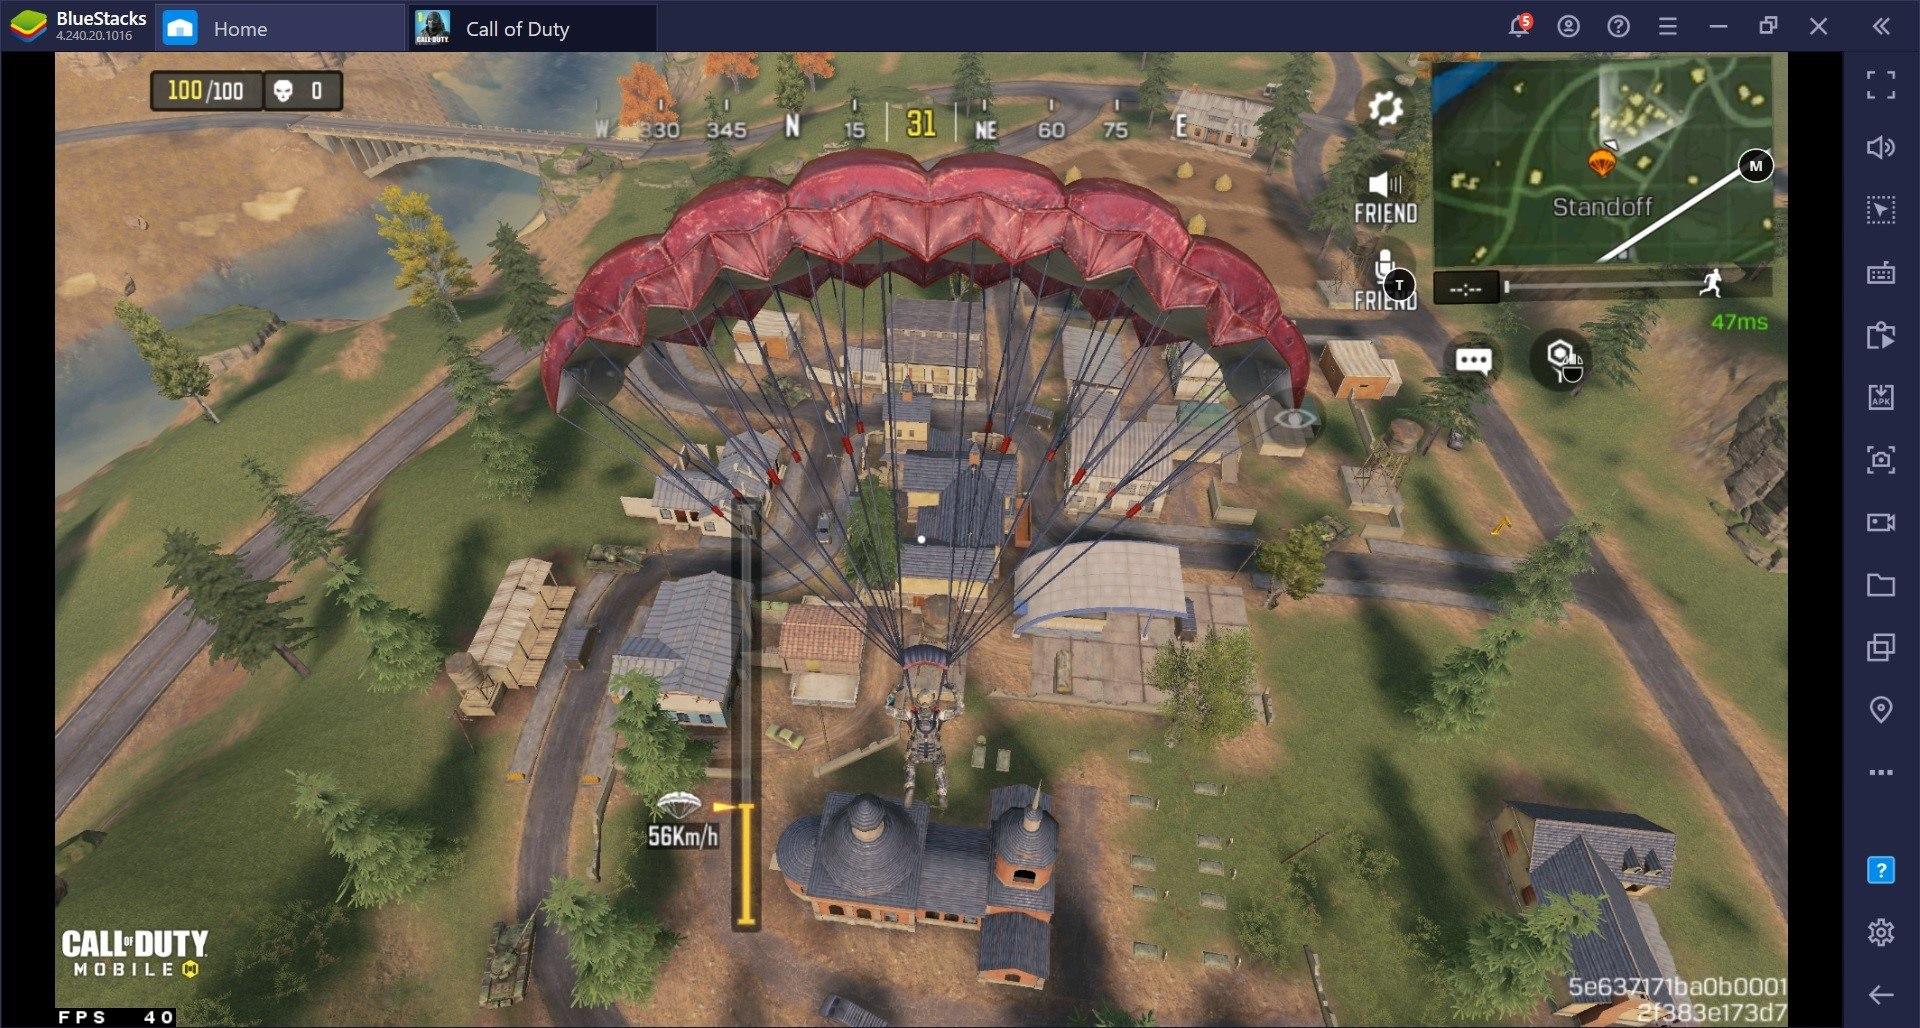 Играем агрессивно: как побеждать в королевской битве Call of Duty: Mobile на ПК?